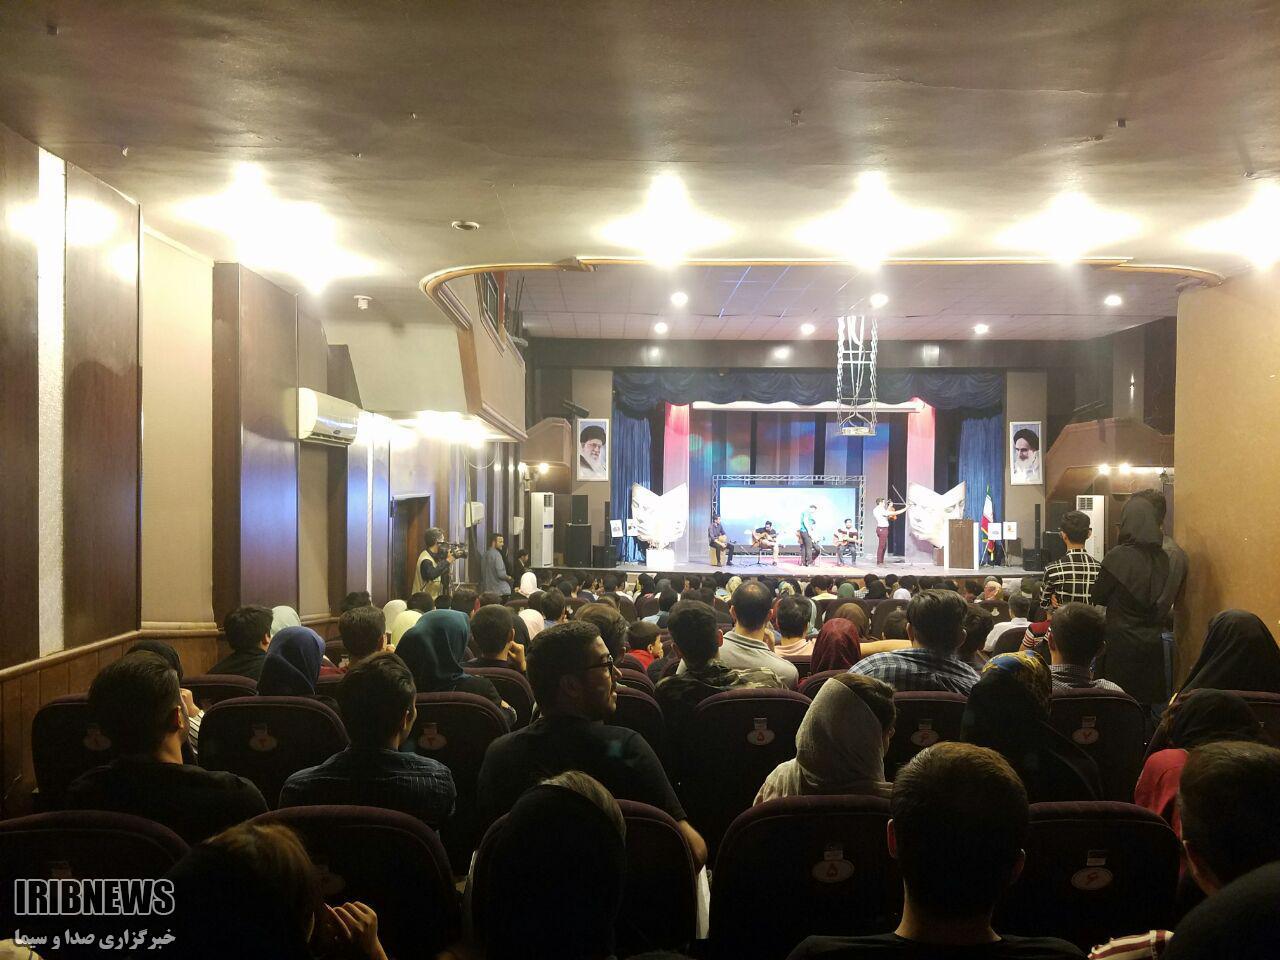 پایان دوازدهمین جشنواره تئاتر خراسان شمالی